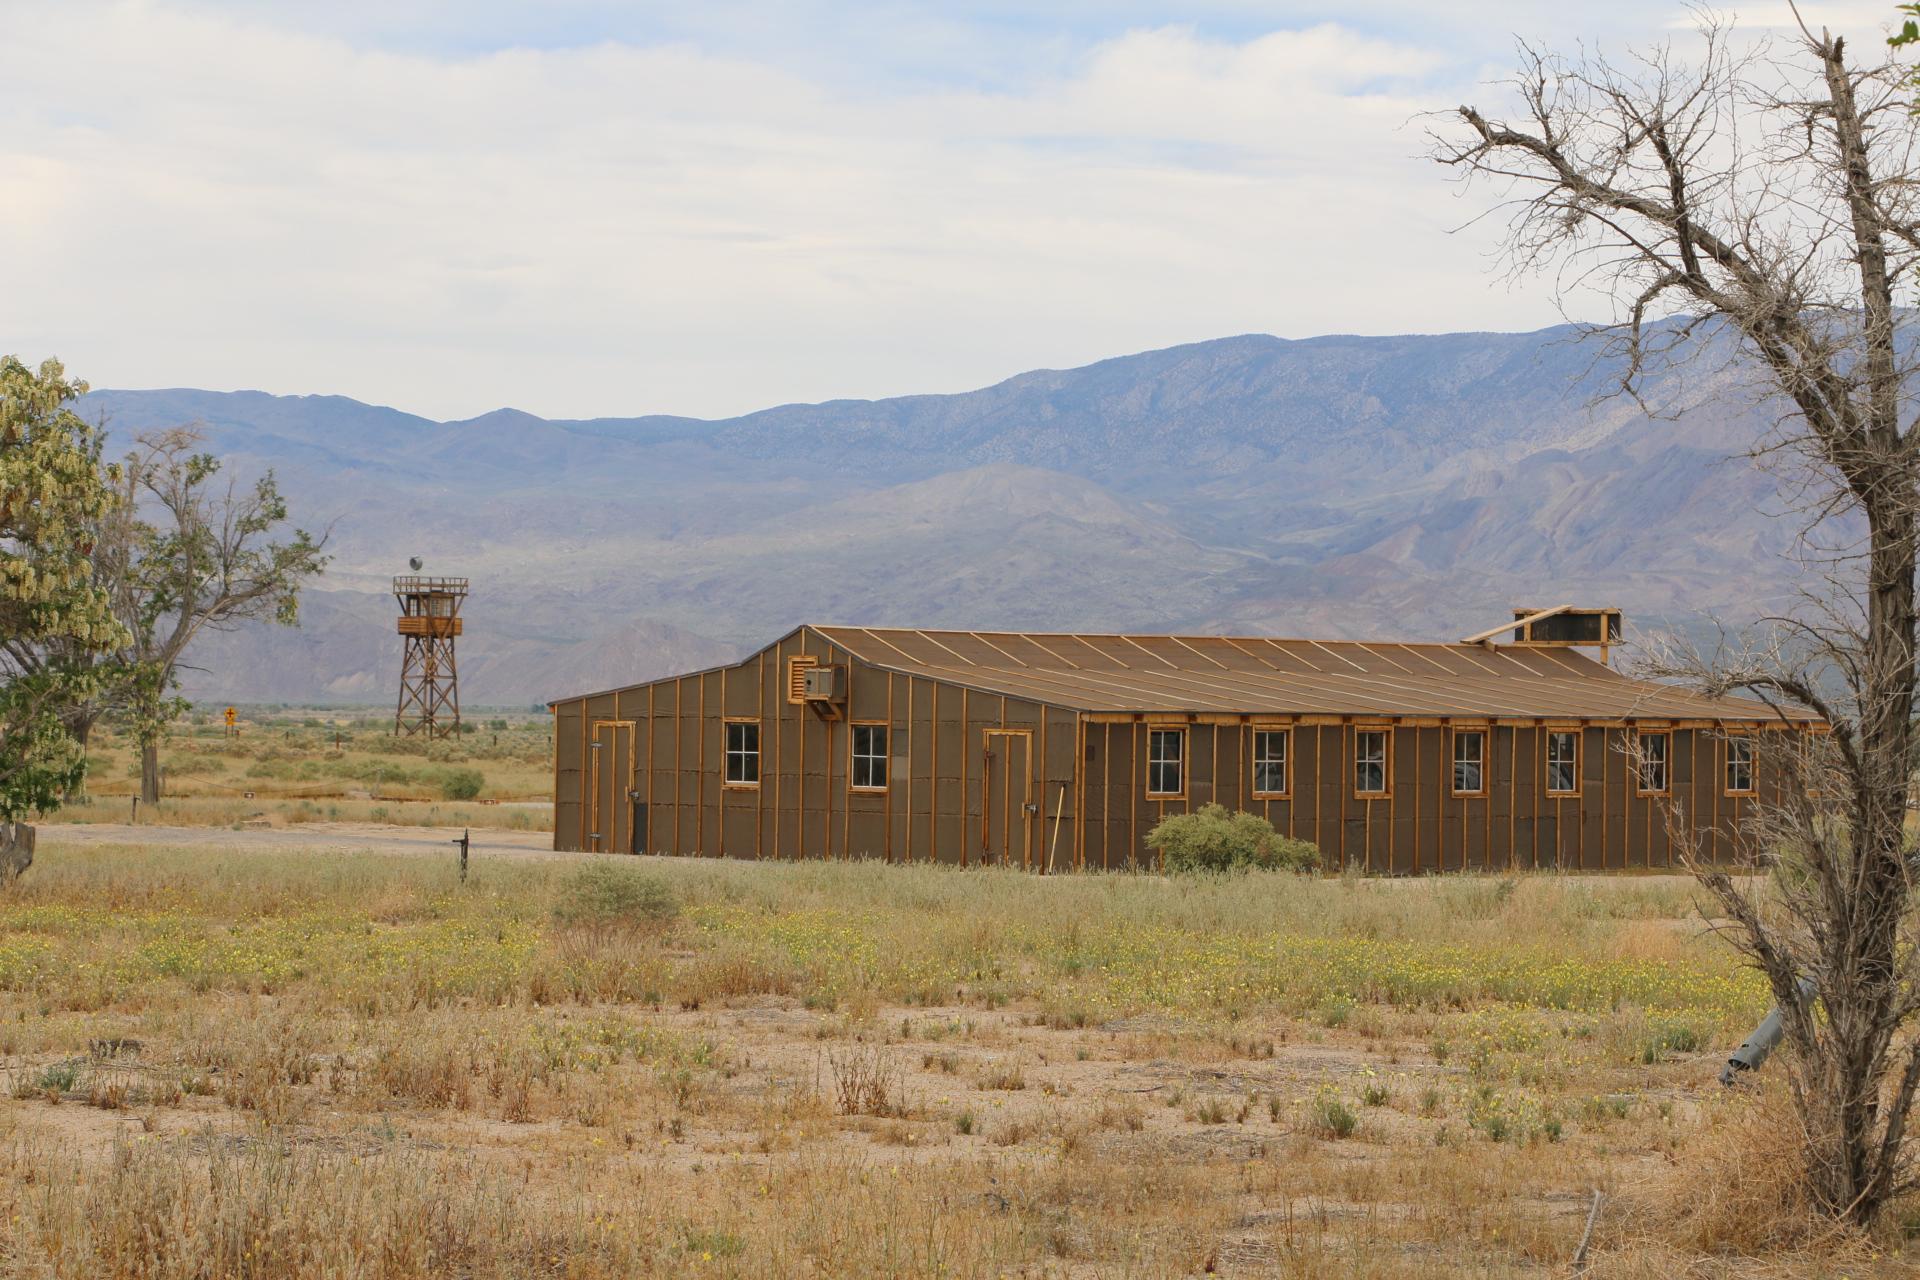 (Manzanar Guard Tower and reconstructed building. Photo Credit: Athena Mari Asklipiadis)